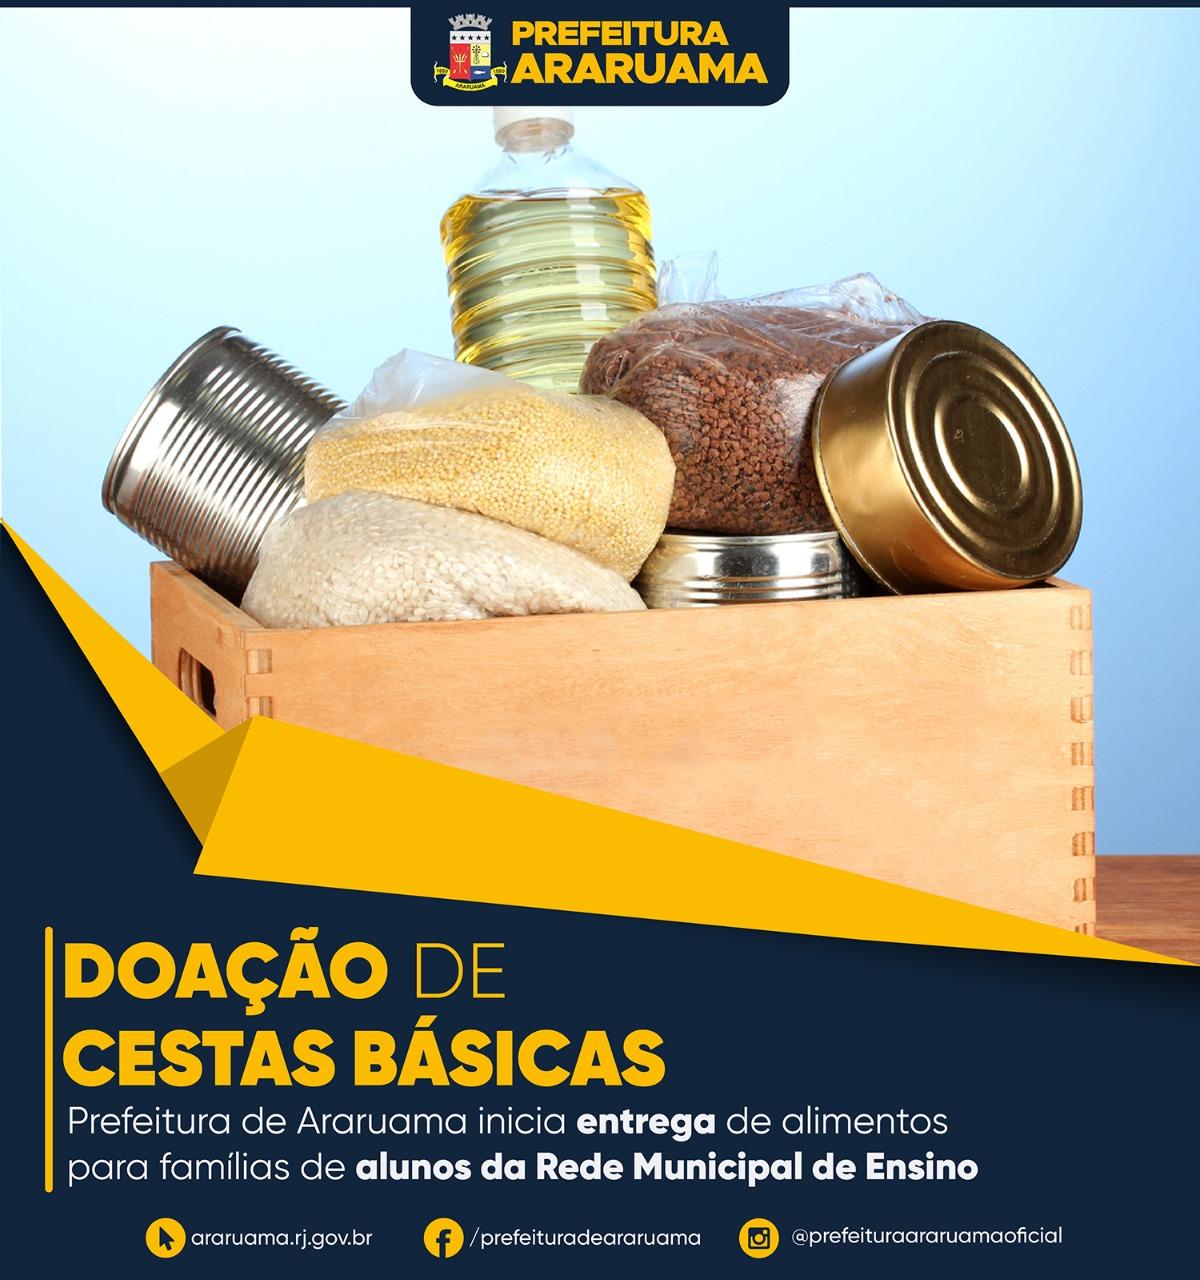 Prefeitura de Araruama divulga última lista de escolas municipais para entrega de cestas básicas às famílias de alunos